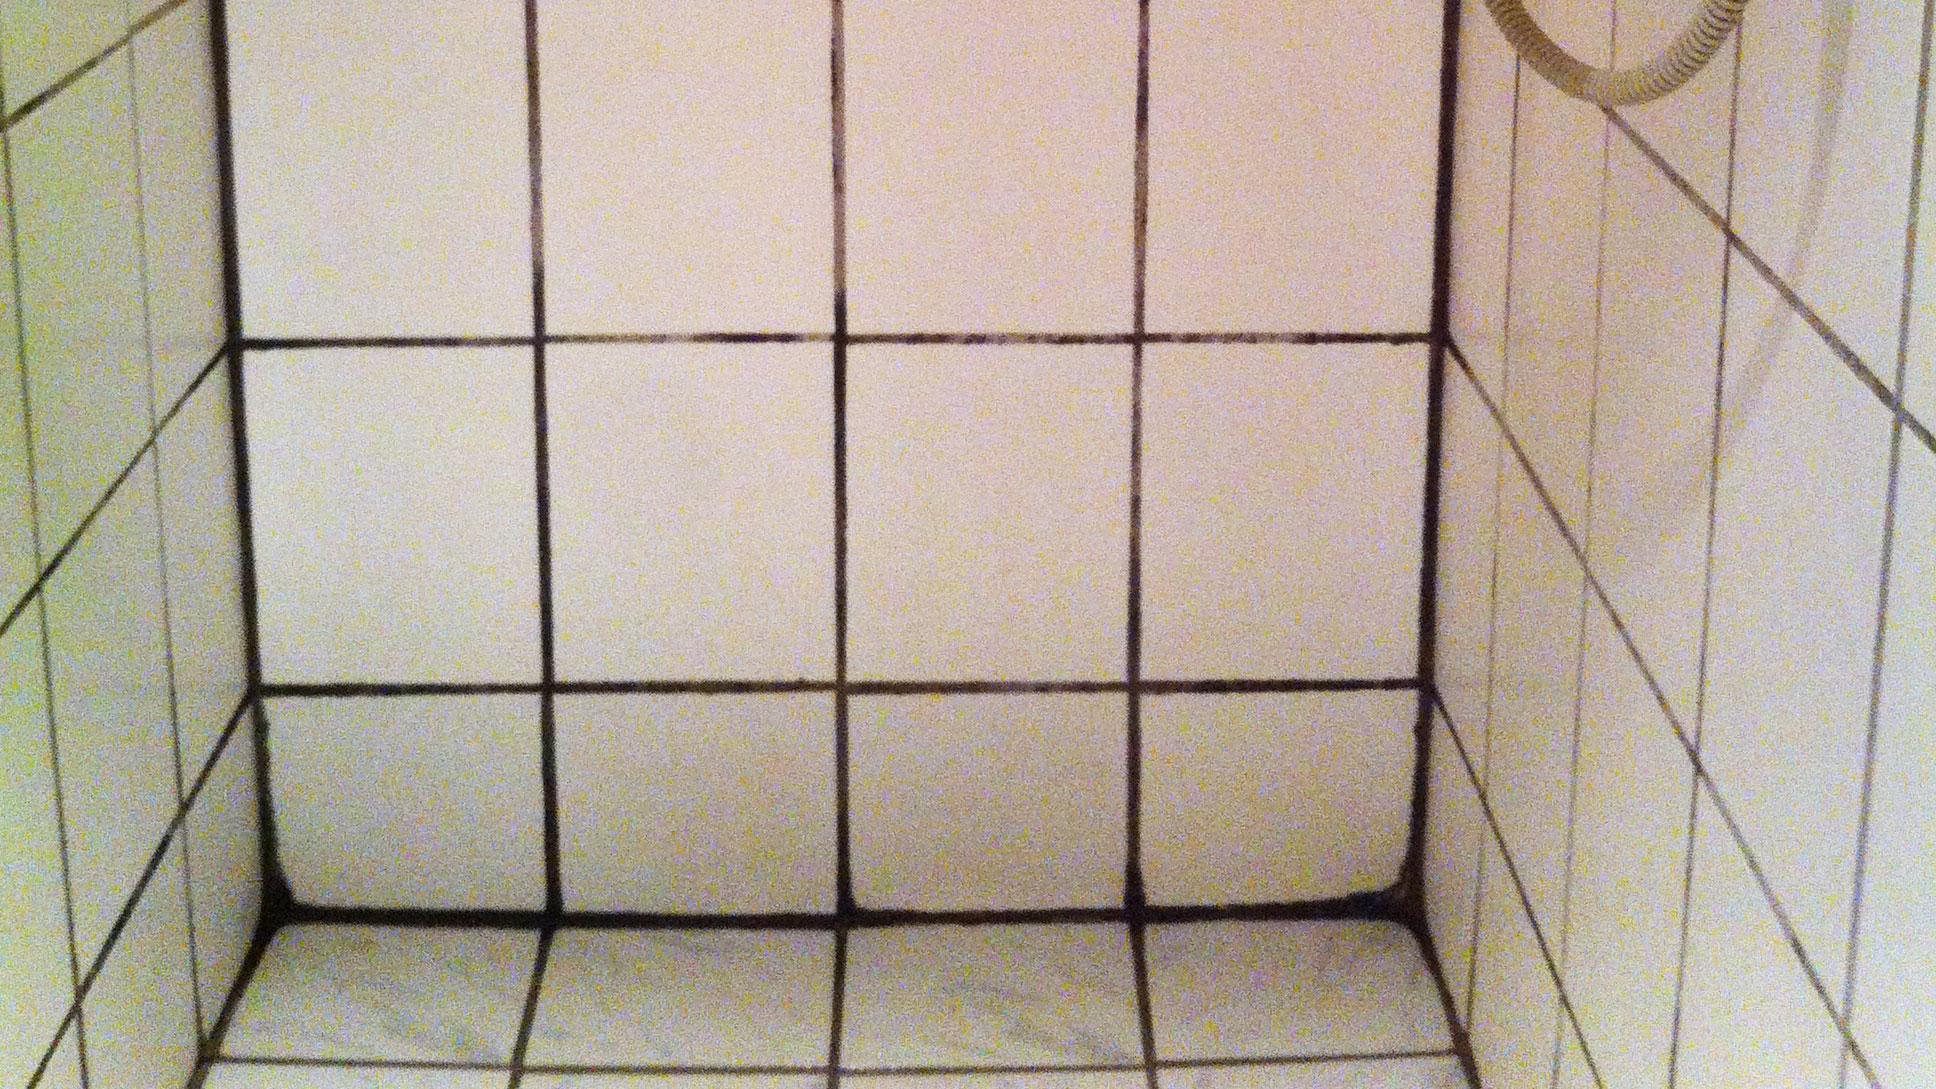 hvordan renser man fliser i badeværelset